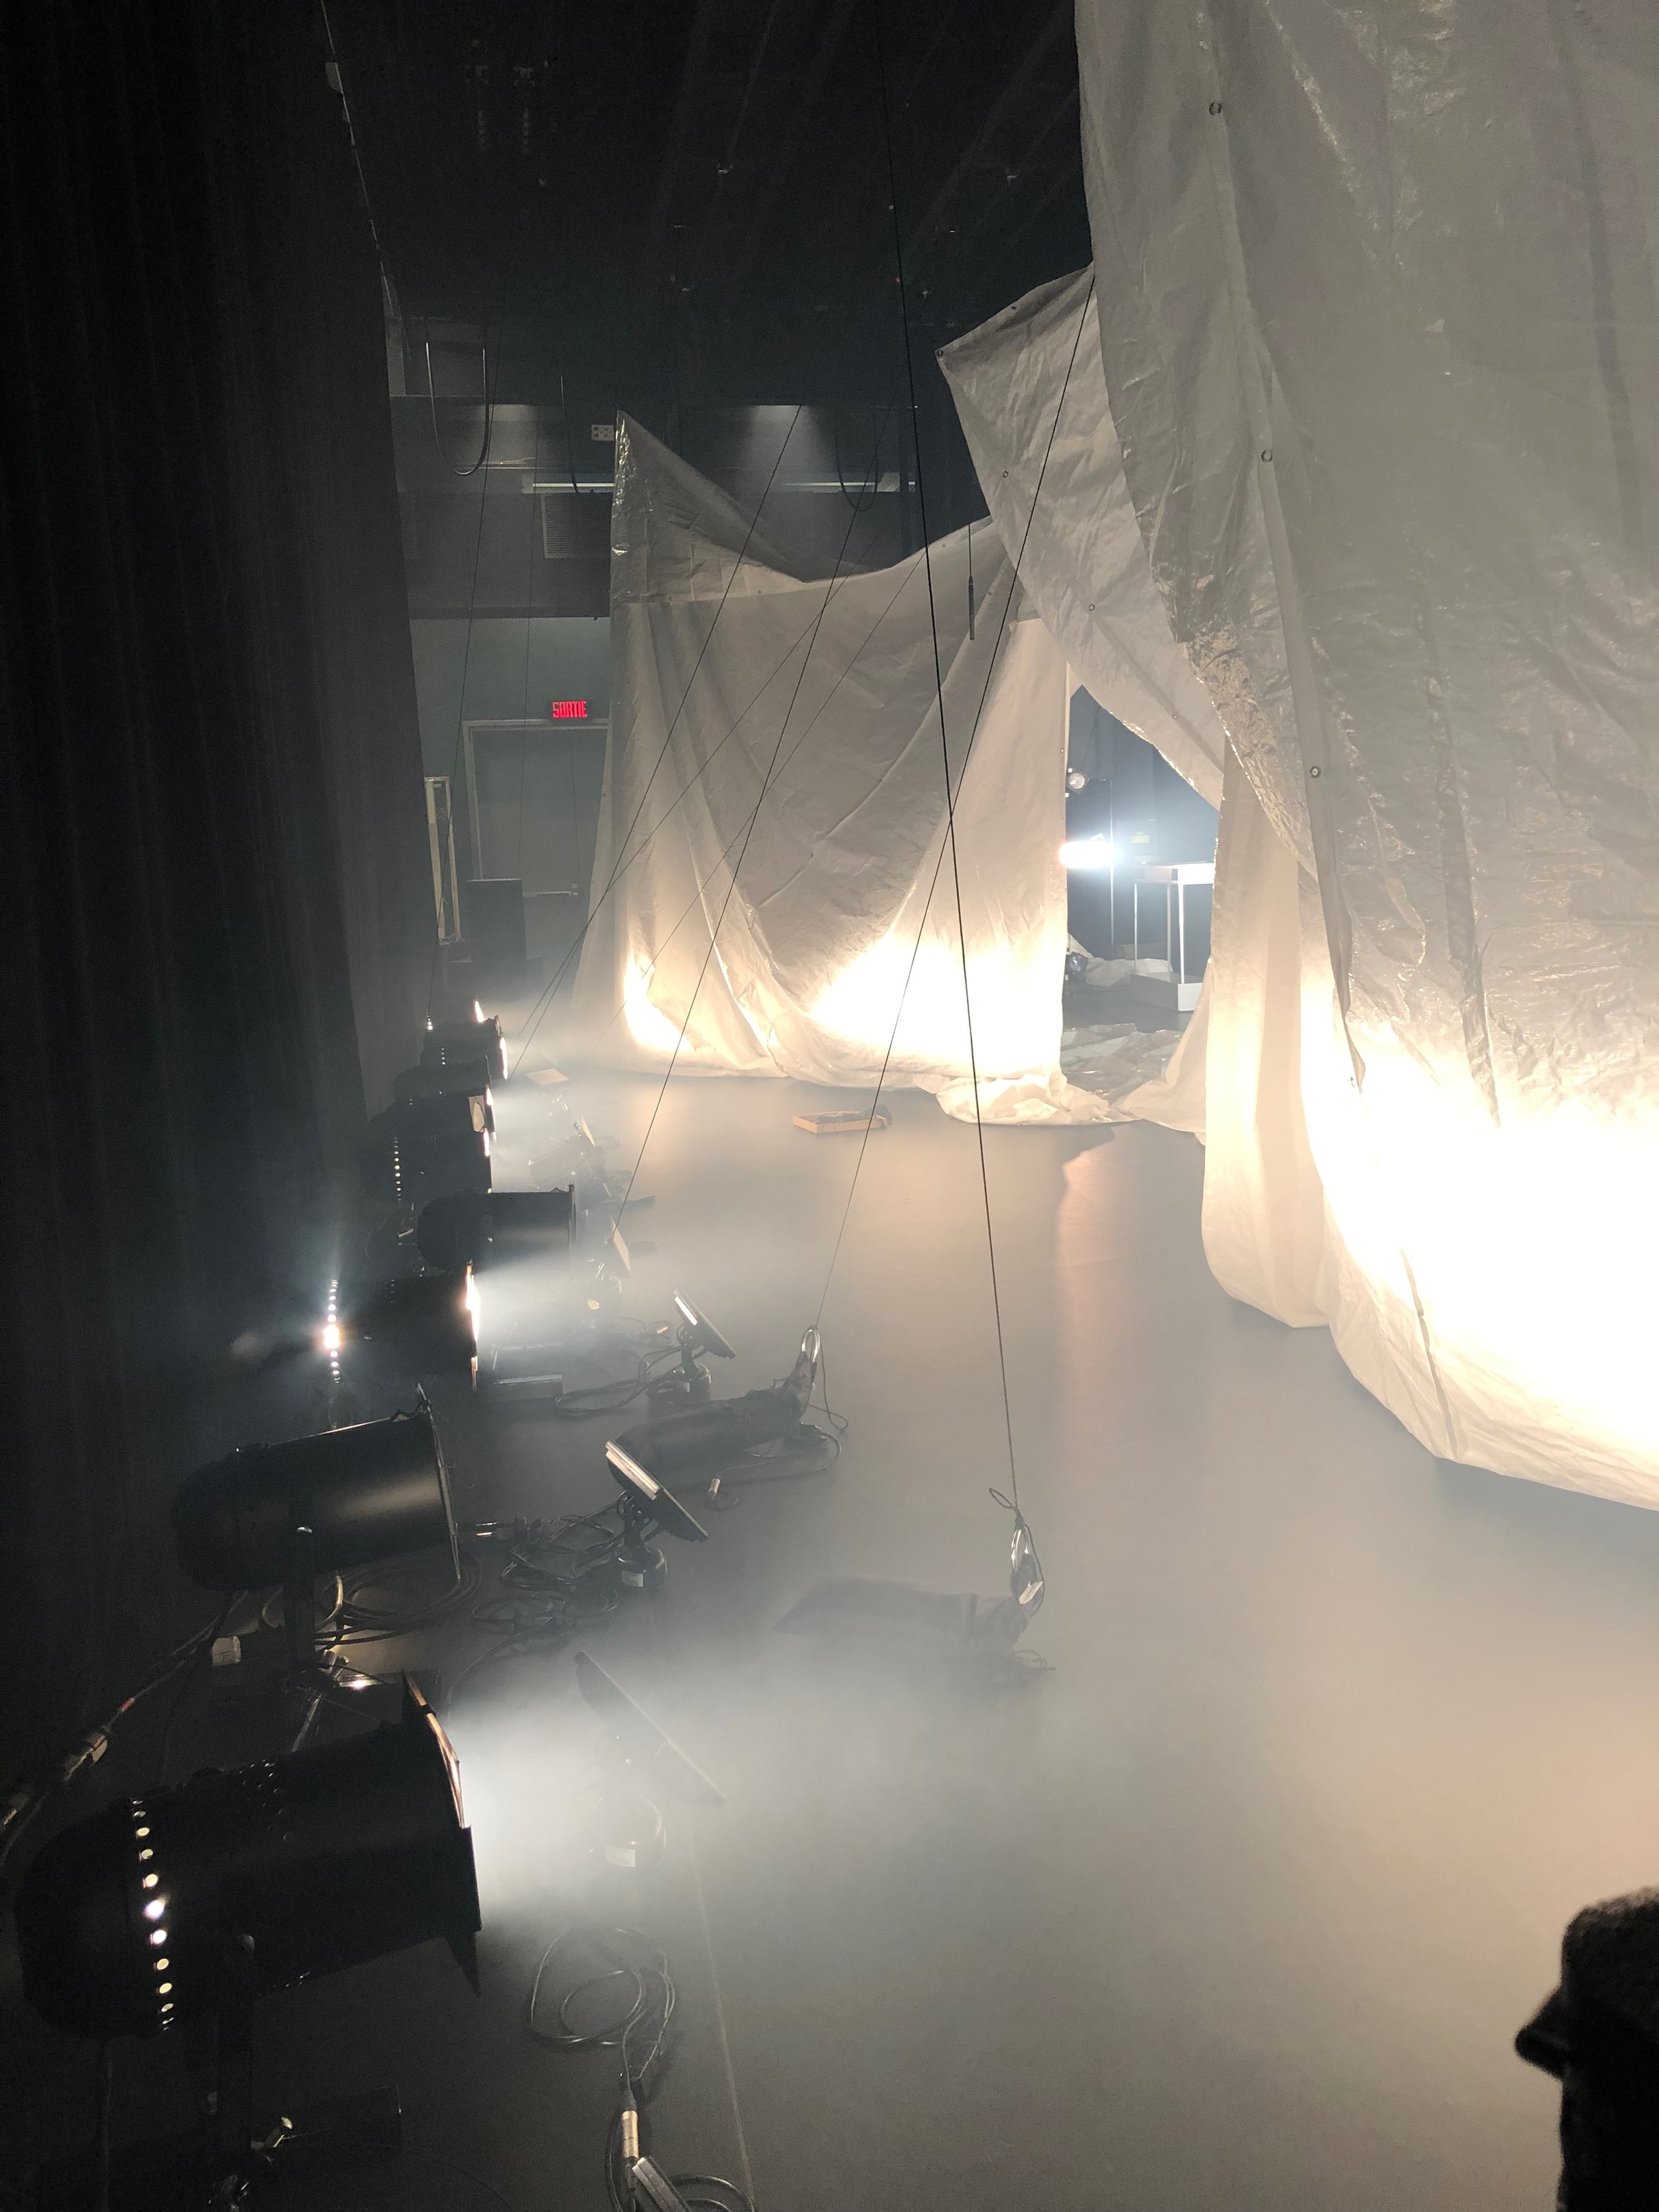 Éclairages-4 fond de scène.jpg